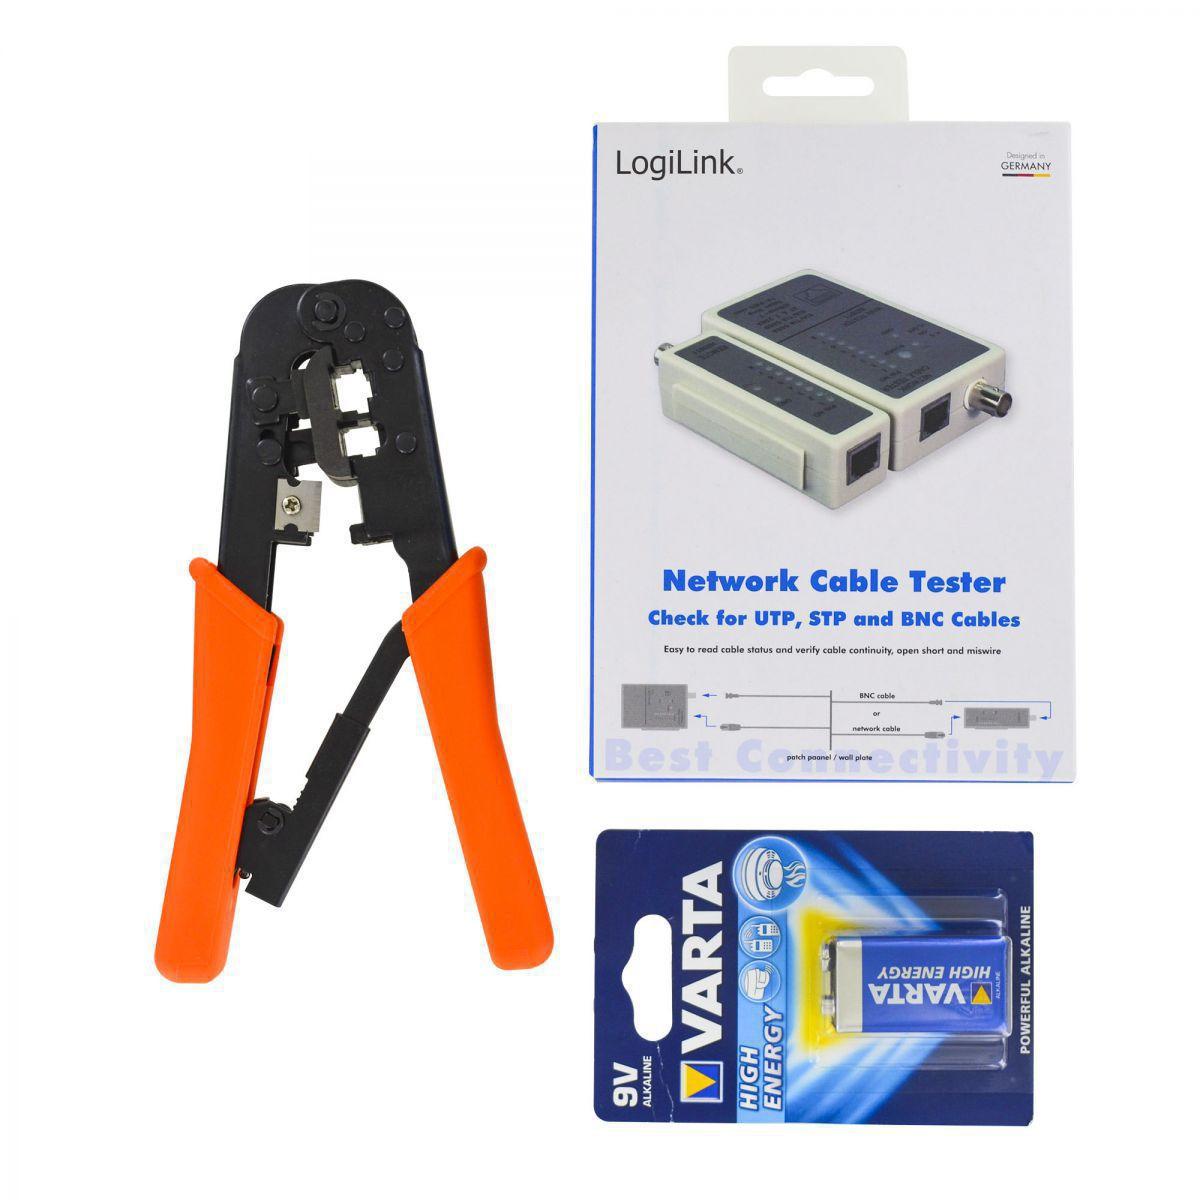 set avec pinces et testeur pour allumer le connecteur cble sfutp